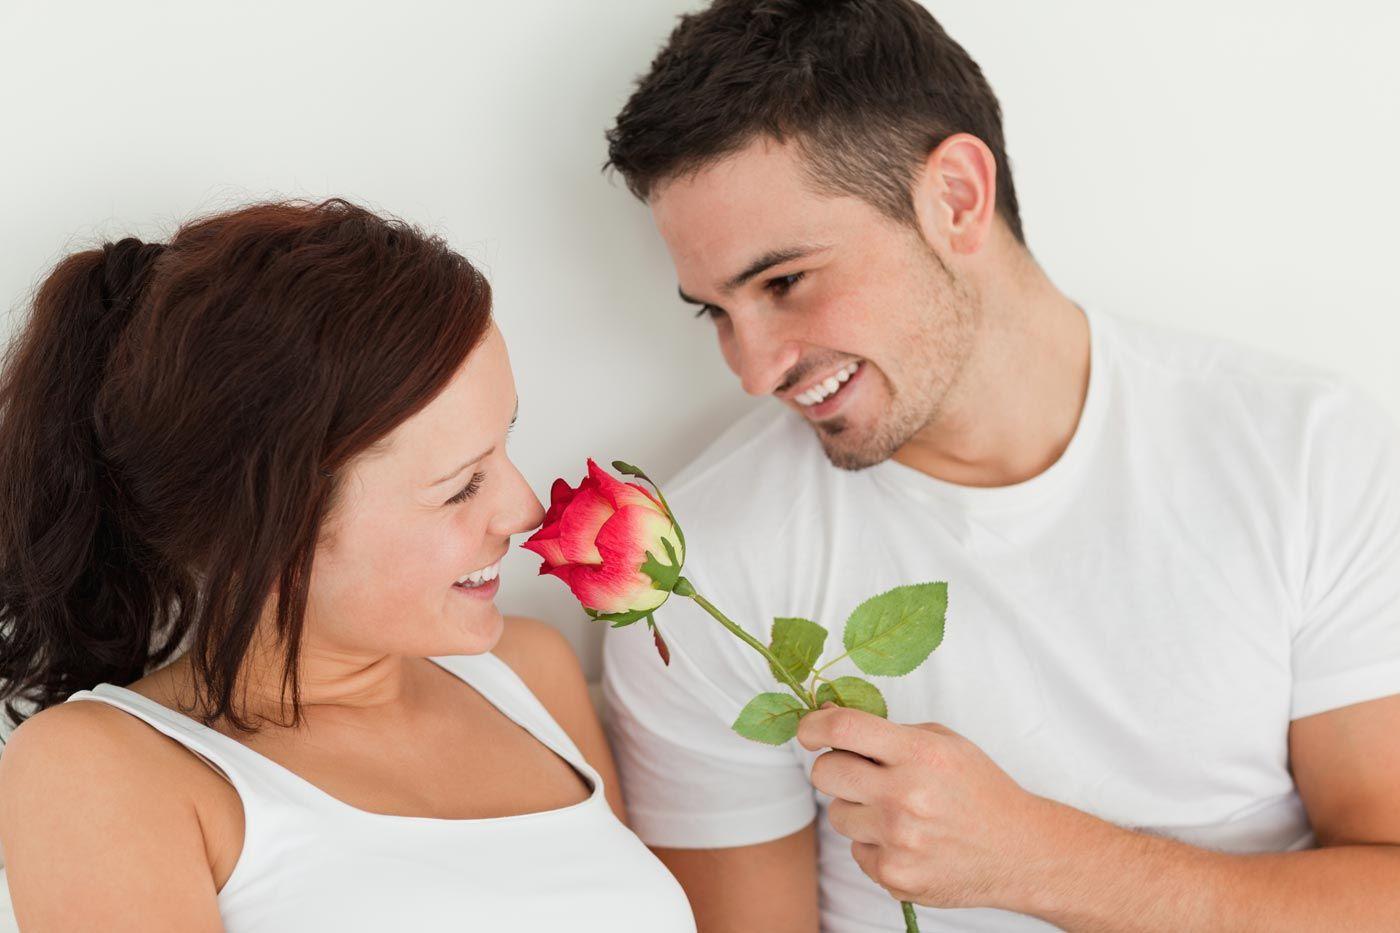 Die Morgengabe  20 Ideen mit denen ihr euren Partner zum